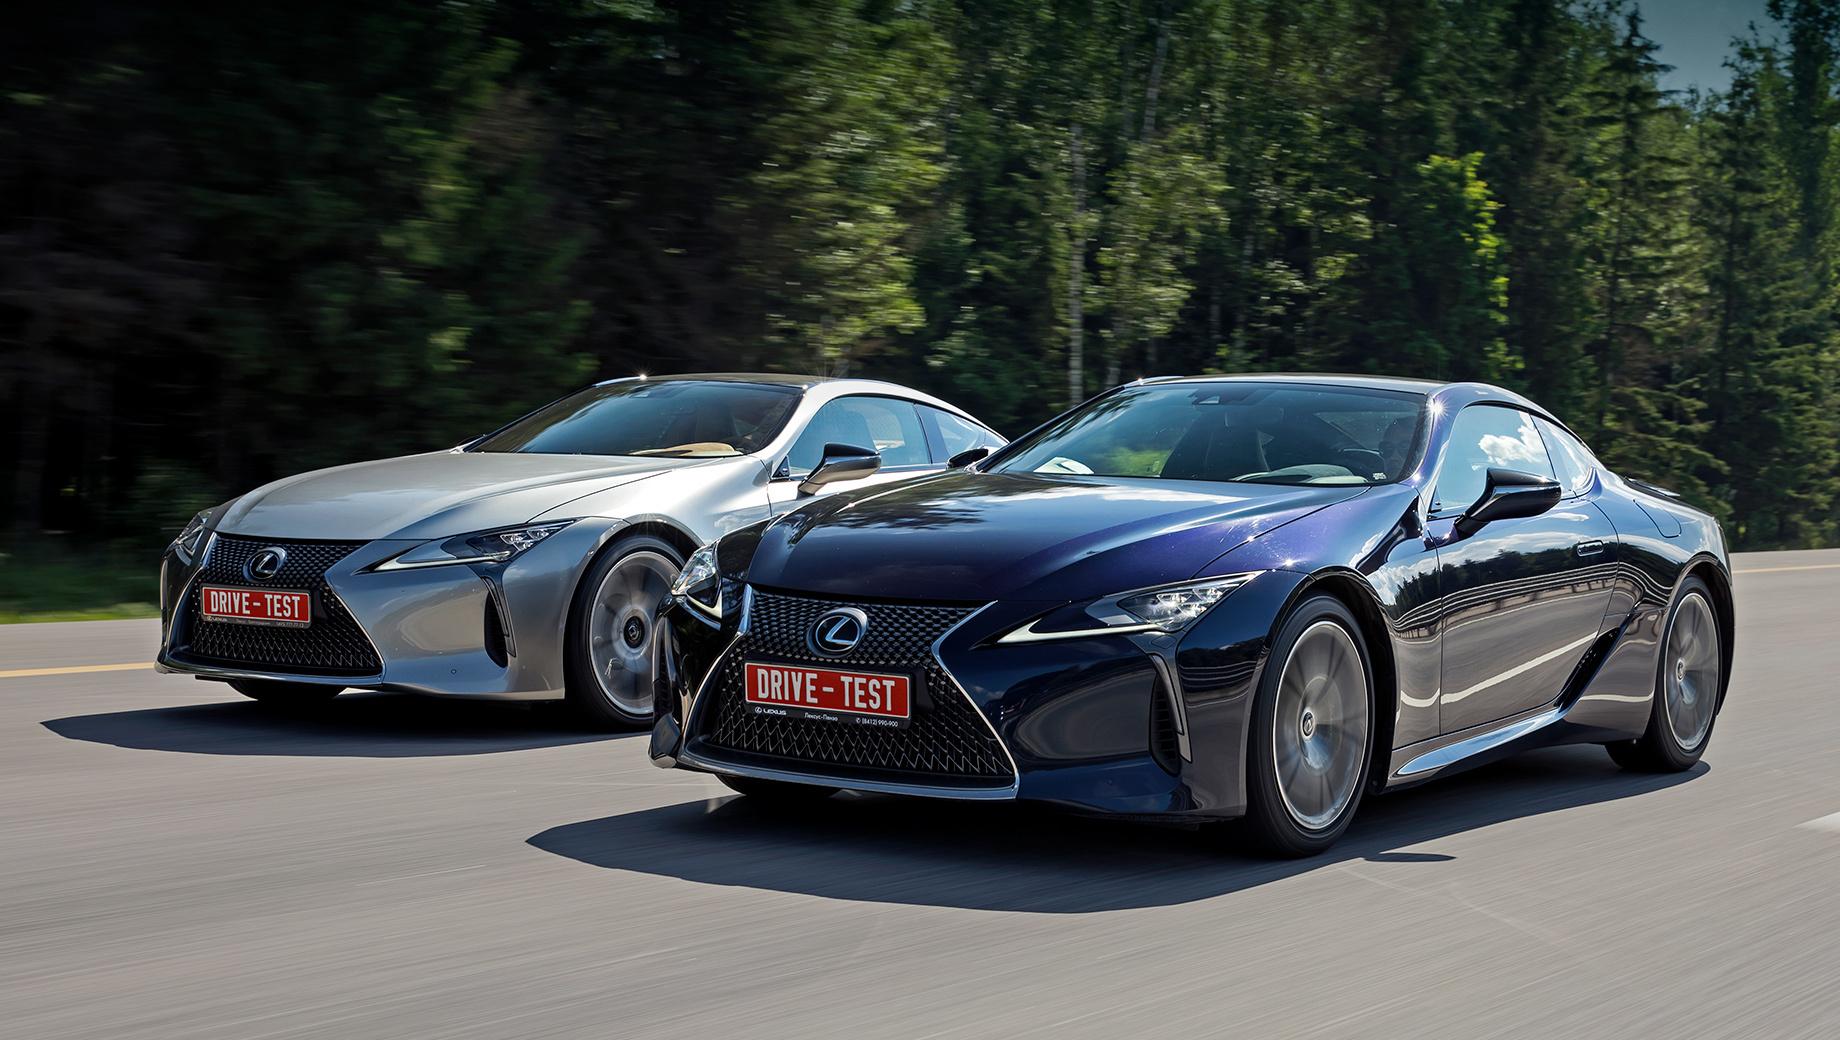 Lexus lc. Второй Lexus с колёсами диаметром 21 дюйм относится к наиболее распространённой на вторичном рынке версии. Предполагалось, что такие поставят на нашу основную синюю машину, но она осталась на 20-дюймовых.